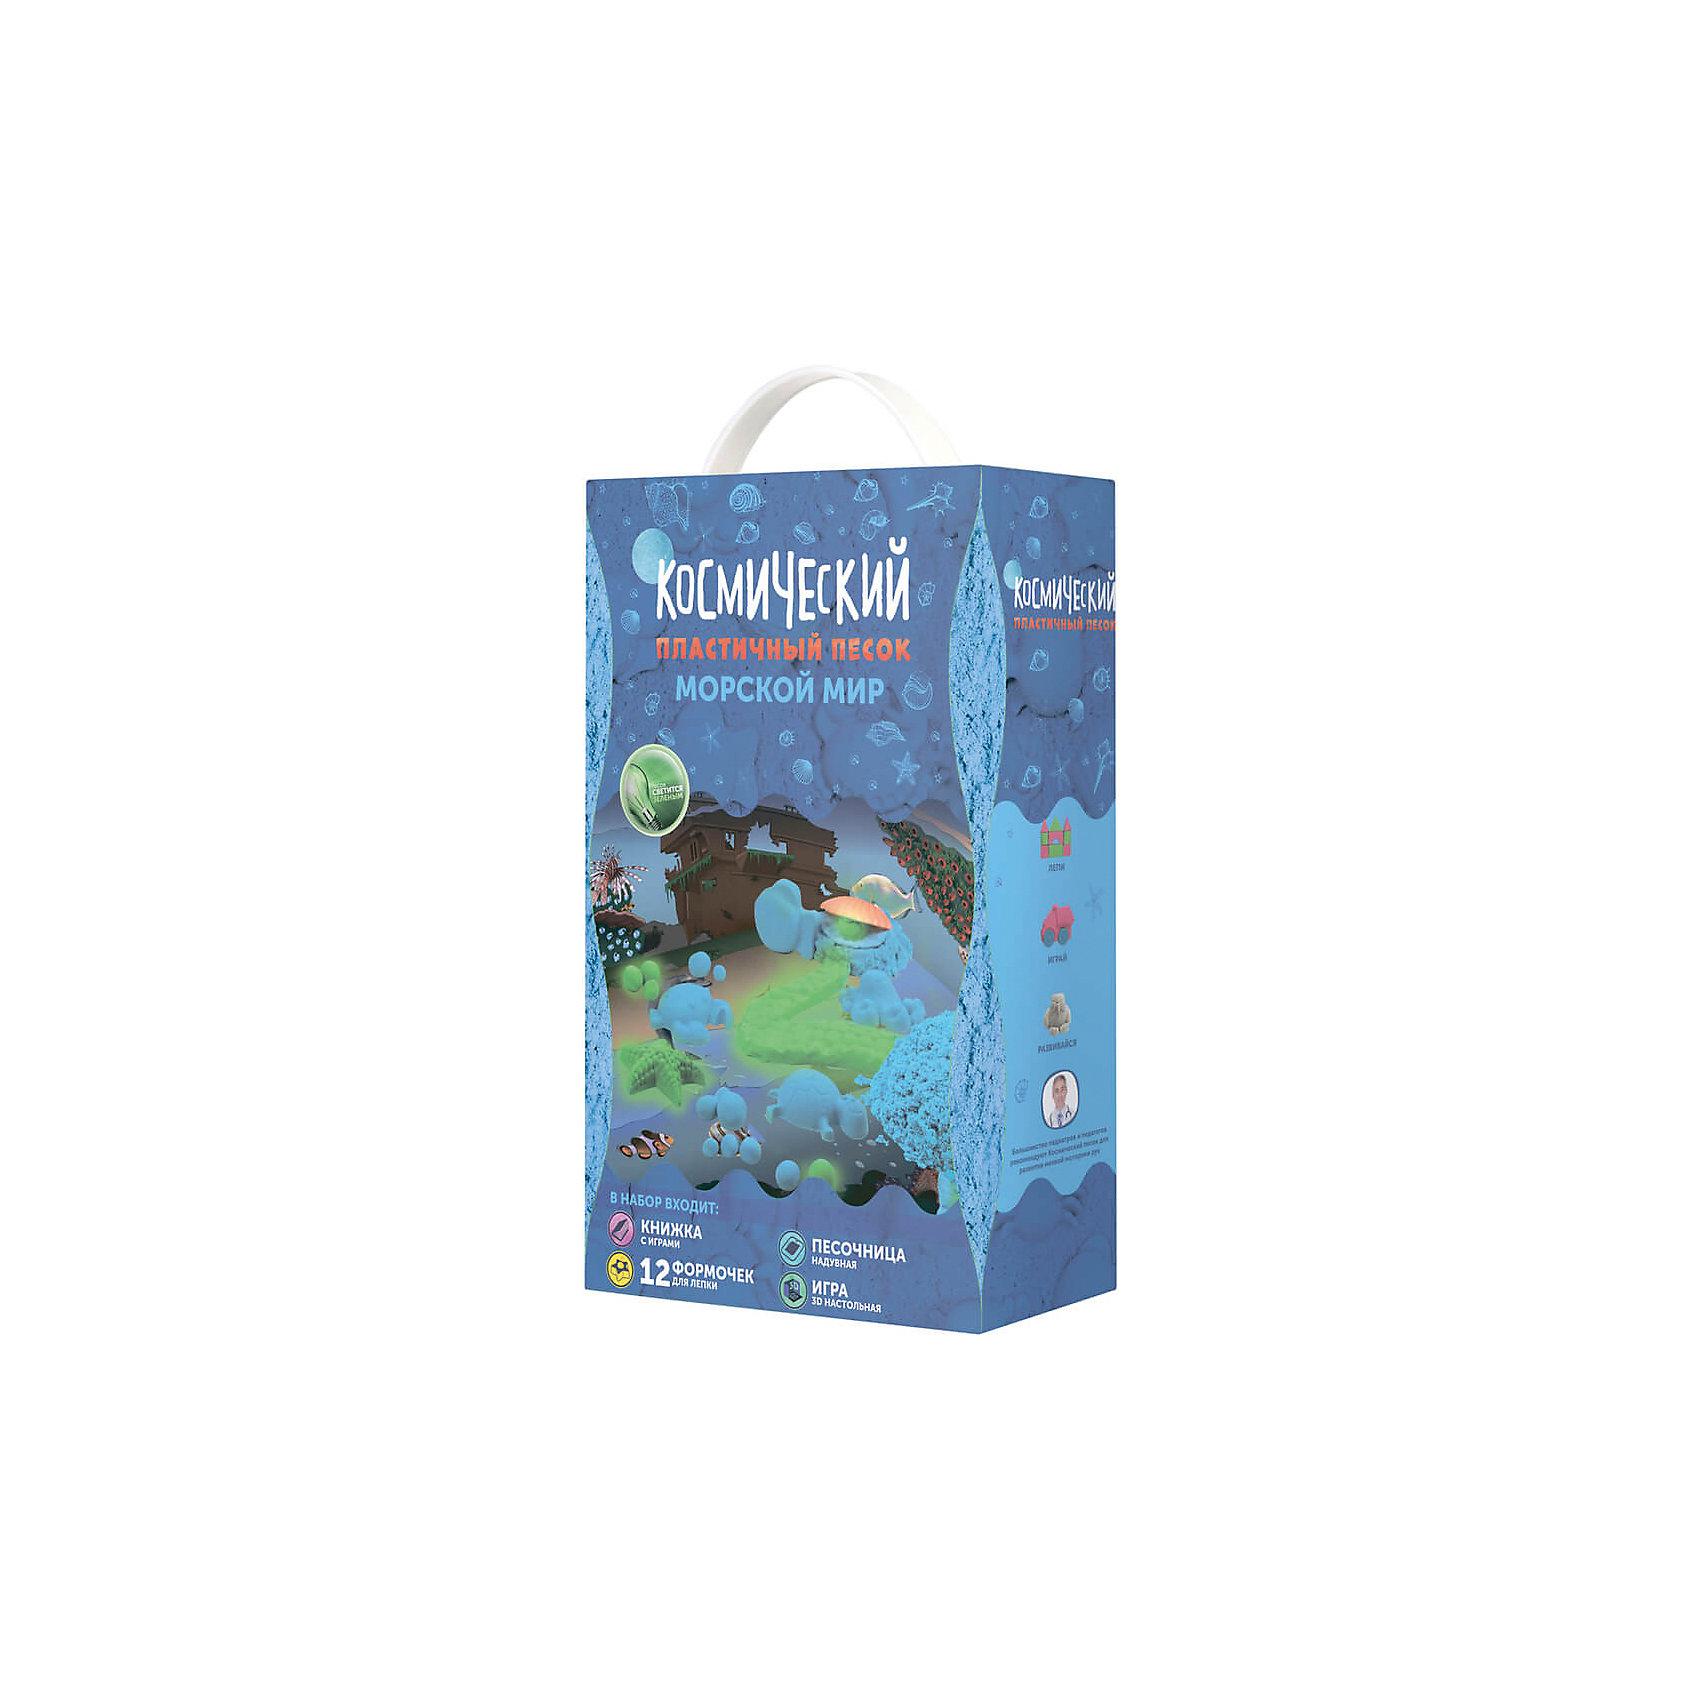 Набор Морской мир 3 кг, Космический песокКинетический песок<br>Характеристики товара:<br><br>• цвет: разноцветный<br>• размер упаковки: 16x30x8 см<br>• вес: 3500 г<br>• комплектация: большая надувная песочница, 3 кг песка розового цвета, 12 форм для лепки, трехмерная настольная игра, книжка с развивающими играми и пошаговыми инструкциями<br>• песок светится в темноте<br>• подходит для игр дома<br>• возраст: от двух лет<br>• упаковка: коробка<br>• страна бренда: РФ<br>• страна изготовитель: РФ<br><br>Такой набор станет отличным подарком ребенку - ведь с помощью кинетического песка можно создавать фигуры легко и весело! В набор входят целых три килограмма песка и набор для игры с ним дома. Песок легко принимает нужную форму и так же легко распадается на песчинки. Играть можно бесконечно! Песок легко собирается, не красится и оставляет пятен на одежде.<br>Детям очень нравится что-то делать своими руками. Кроме того, творчество помогает детям развивать важные навыки и способности, оно активизирует мышление, формирует усидчивость, творческие способности, мелкую моторику и воображение. Изделие производится из качественных и проверенных материалов, которые безопасны для детей.<br><br>Набор Морской мир 3 кг, от бренда Космический песок можно купить в нашем интернет-магазине.<br><br>Ширина мм: 160<br>Глубина мм: 85<br>Высота мм: 300<br>Вес г: 3500<br>Возраст от месяцев: 36<br>Возраст до месяцев: 84<br>Пол: Унисекс<br>Возраст: Детский<br>SKU: 5168936